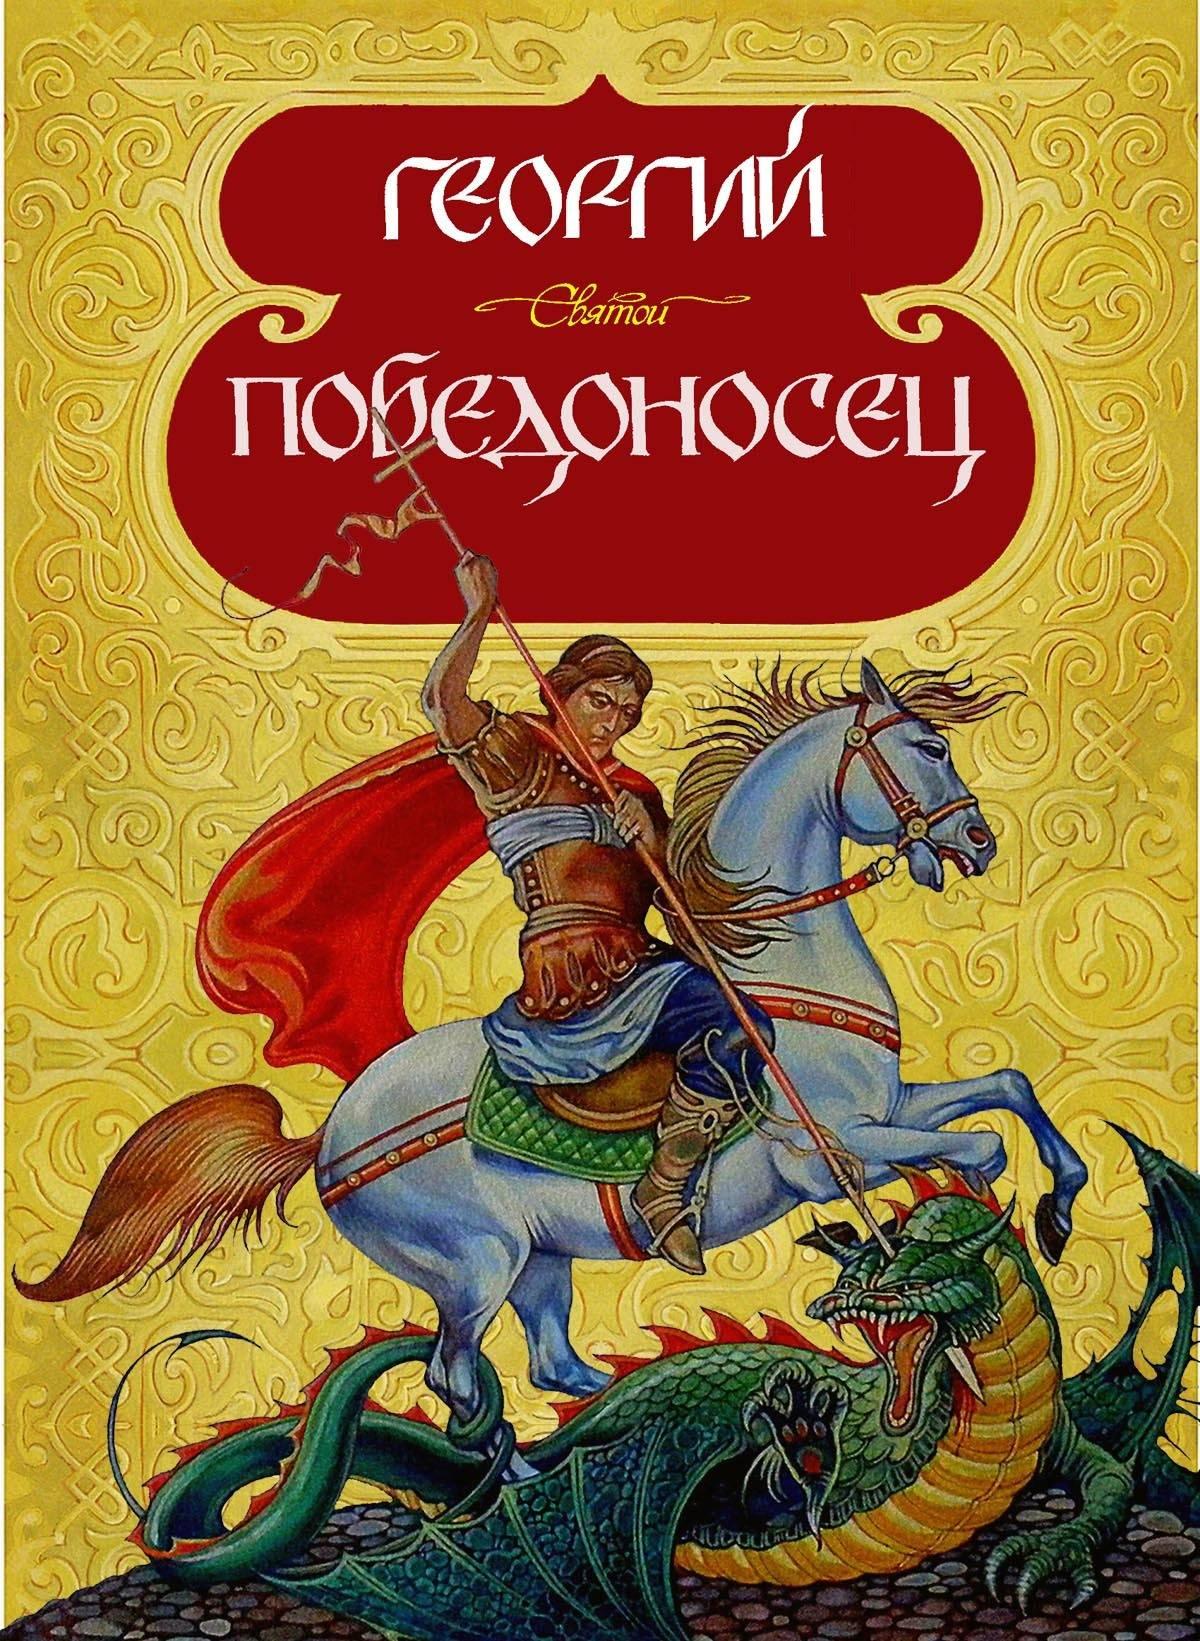 Обложка св. Георгий Победоносец